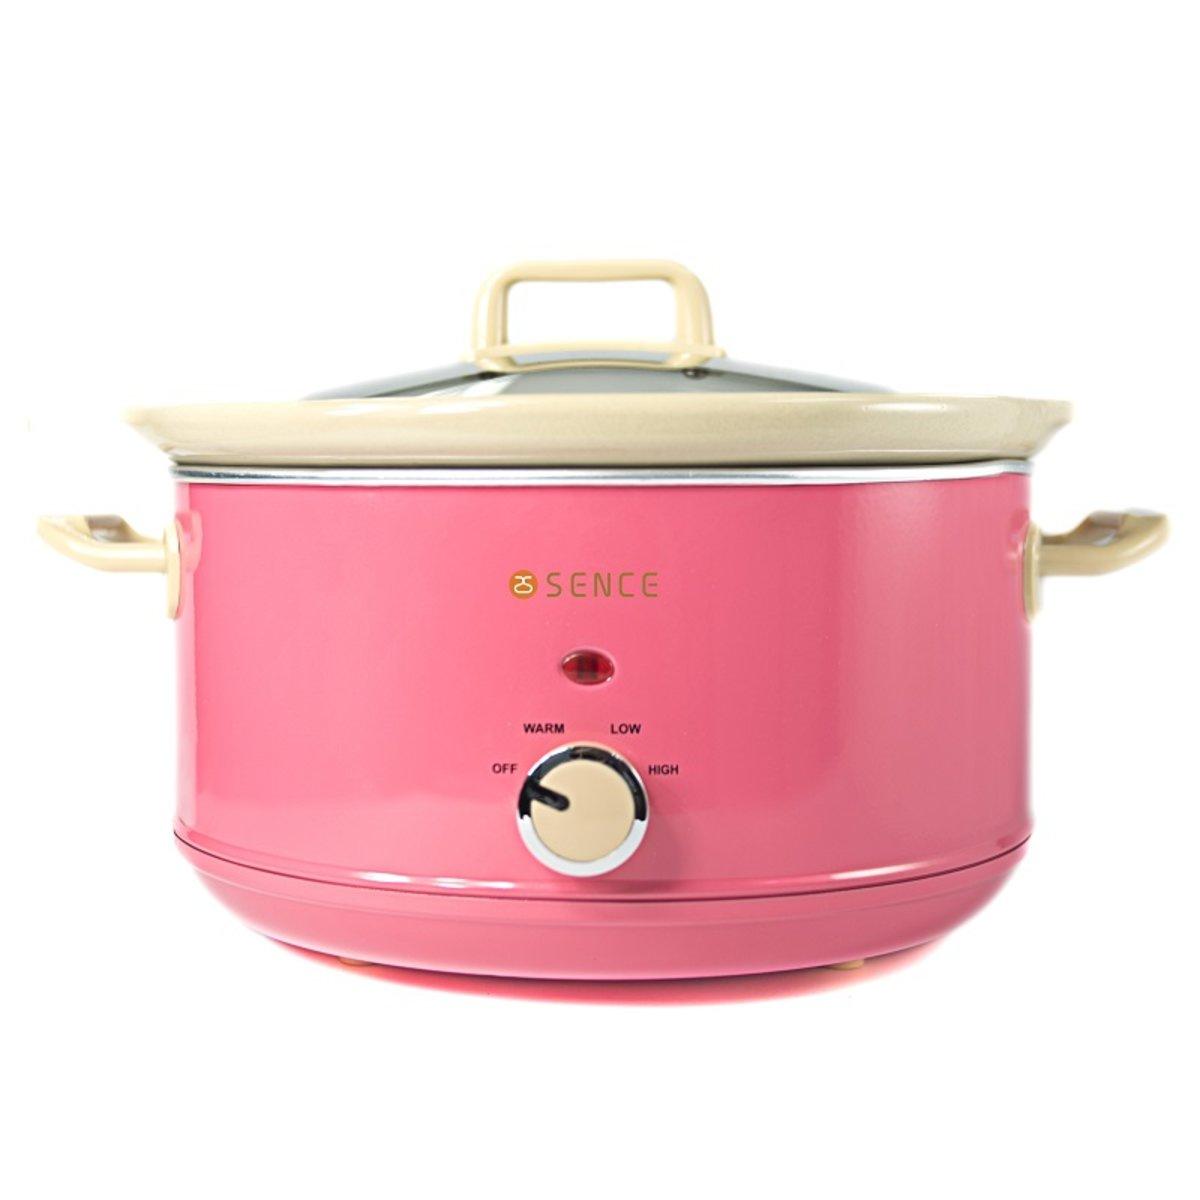 慢燉養生陶瓷鍋(4.5L) 粉紅色 [陳列品]